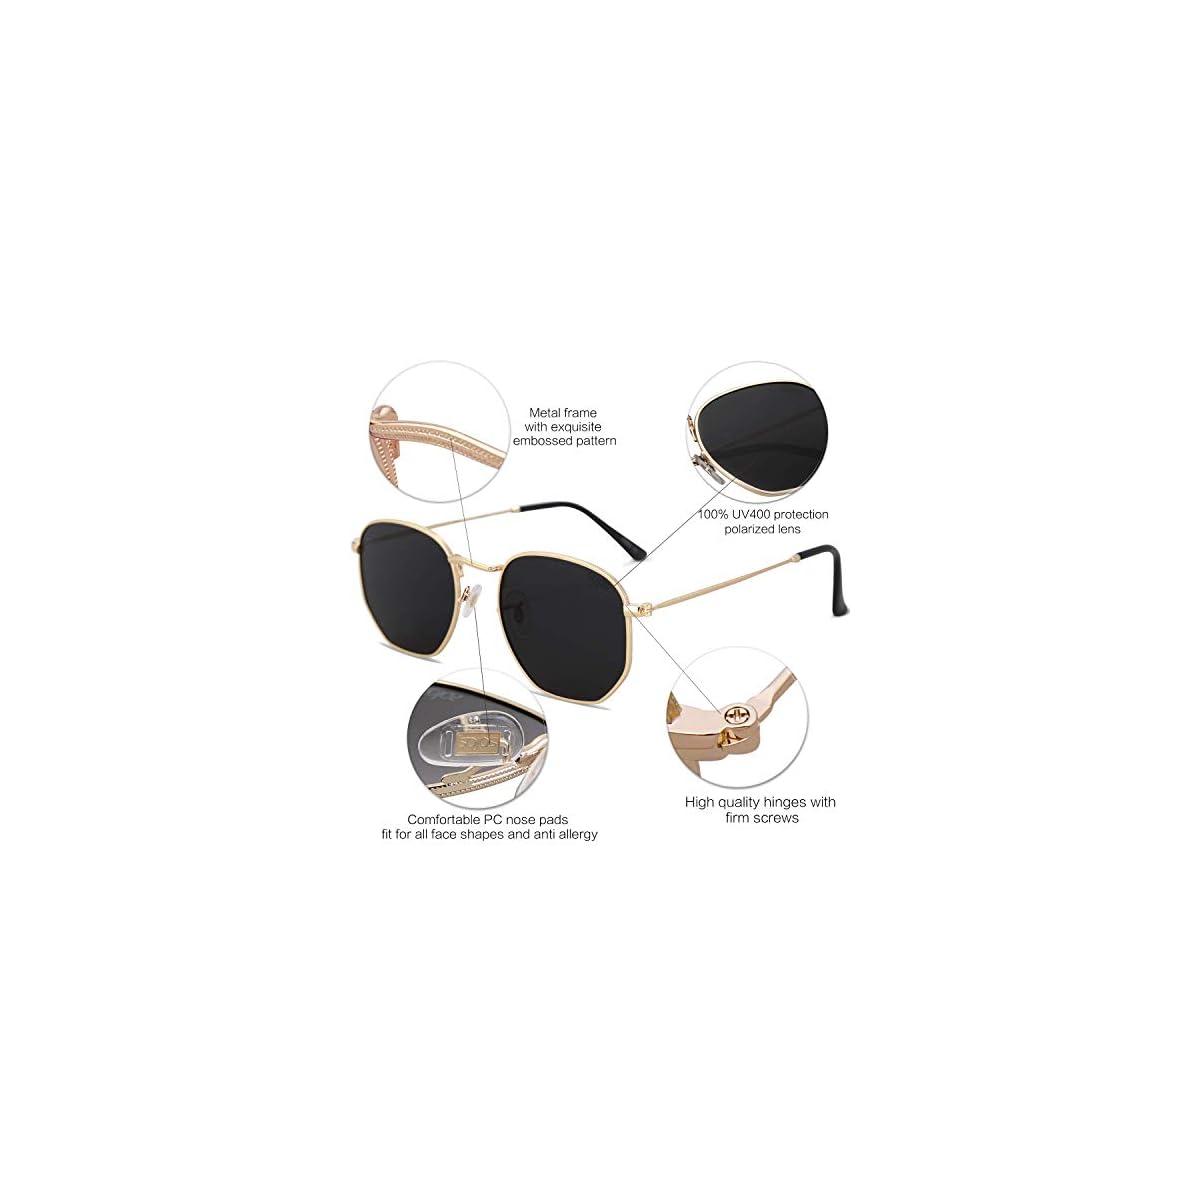 SOJOS Gafas de sol polarizadas para hombres mujeres retro aviador cuadrado gafas cl/ásico aleaci/ón marco HERO SJ1126